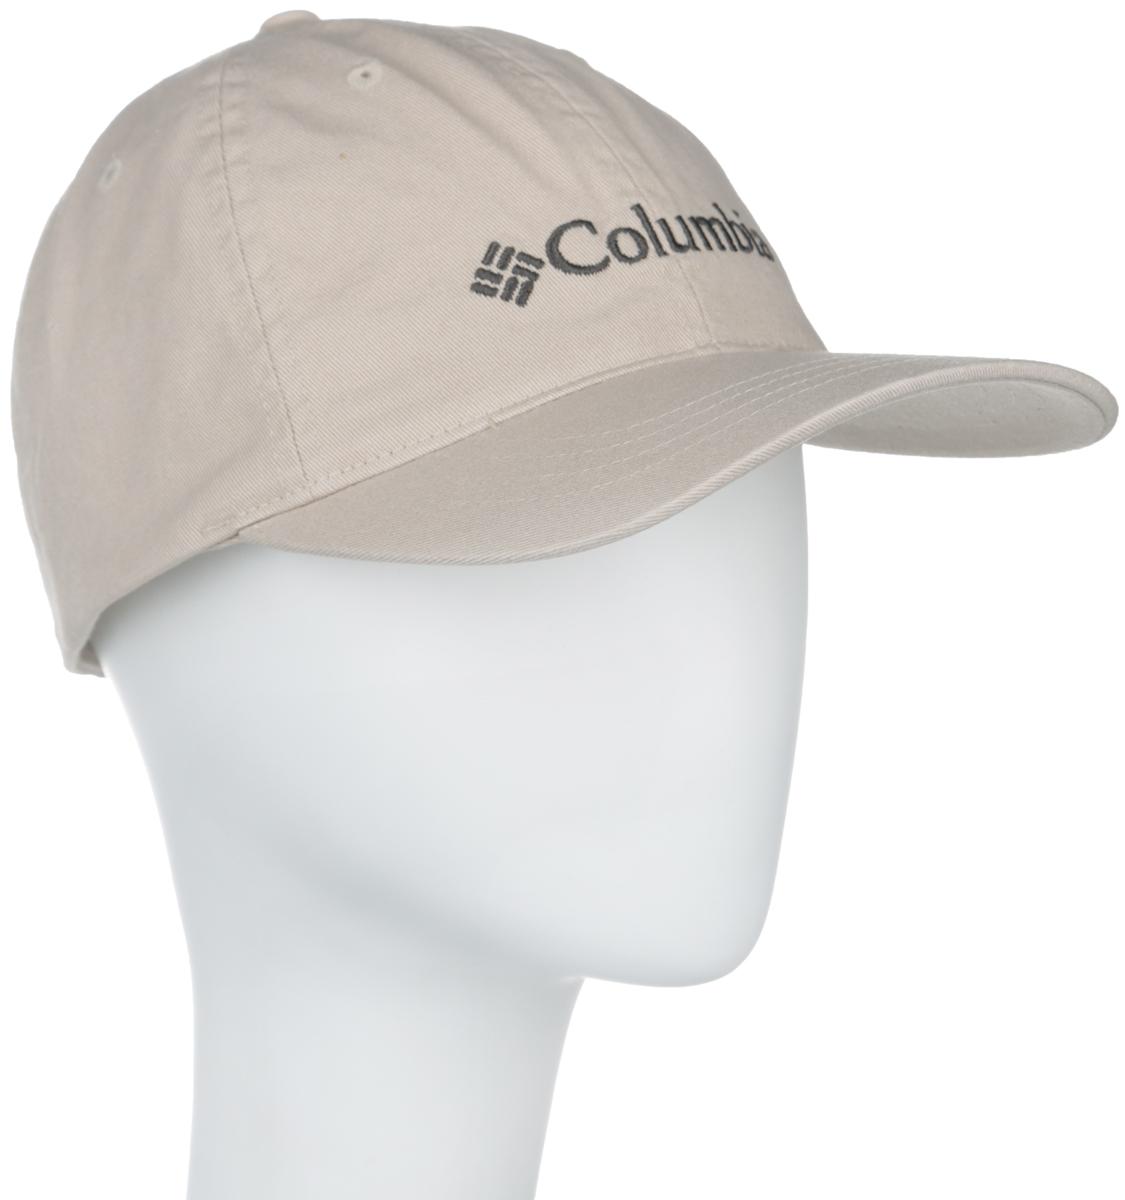 Бейсболка Columbia ROC Logo Ball Cap, цвет: бежевый. 1586931-160. Размер универсальный